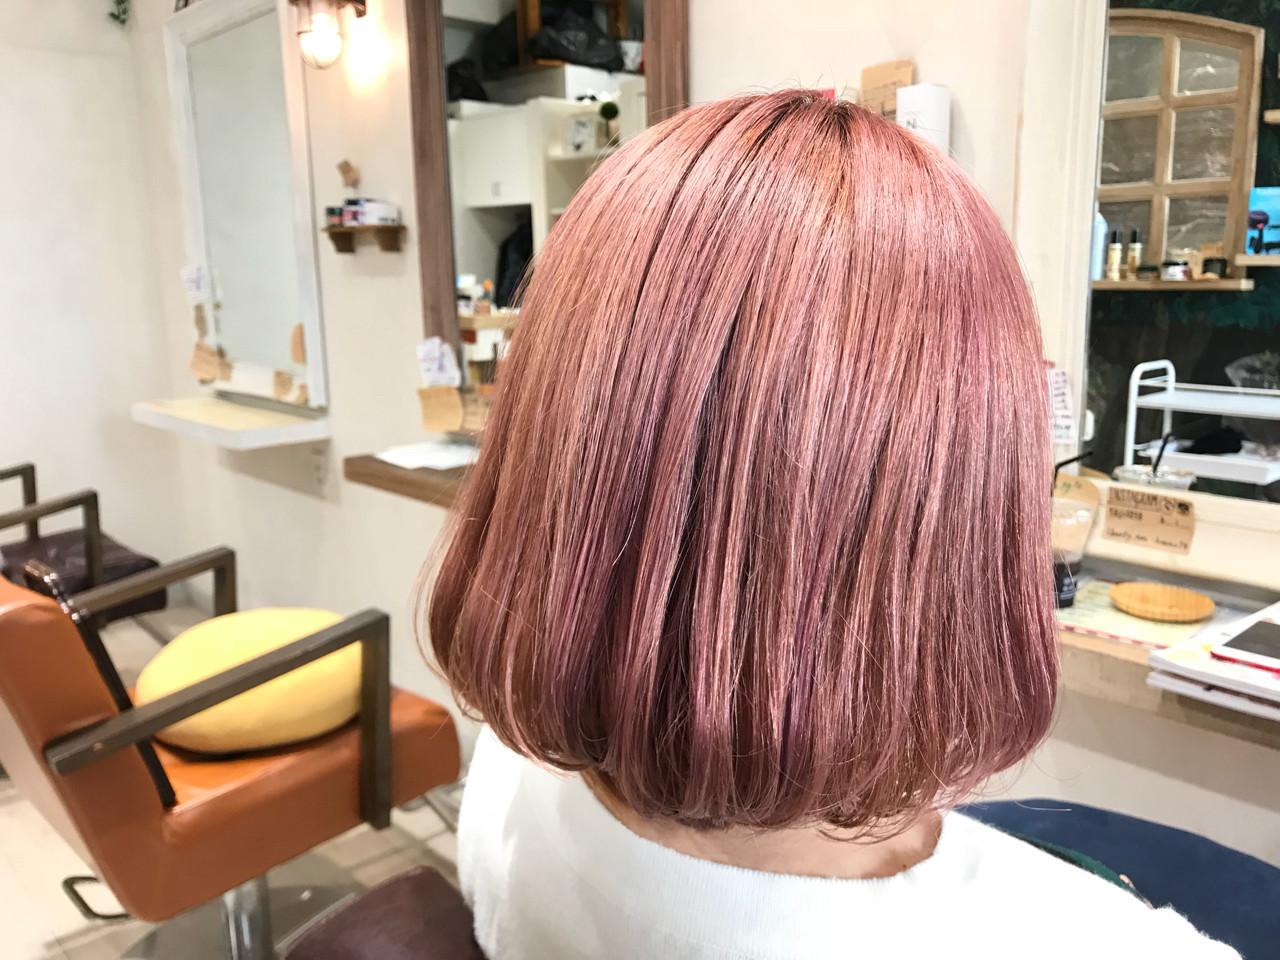 ストリート ピンク ダブルカラー ボブ ヘアスタイルや髪型の写真・画像